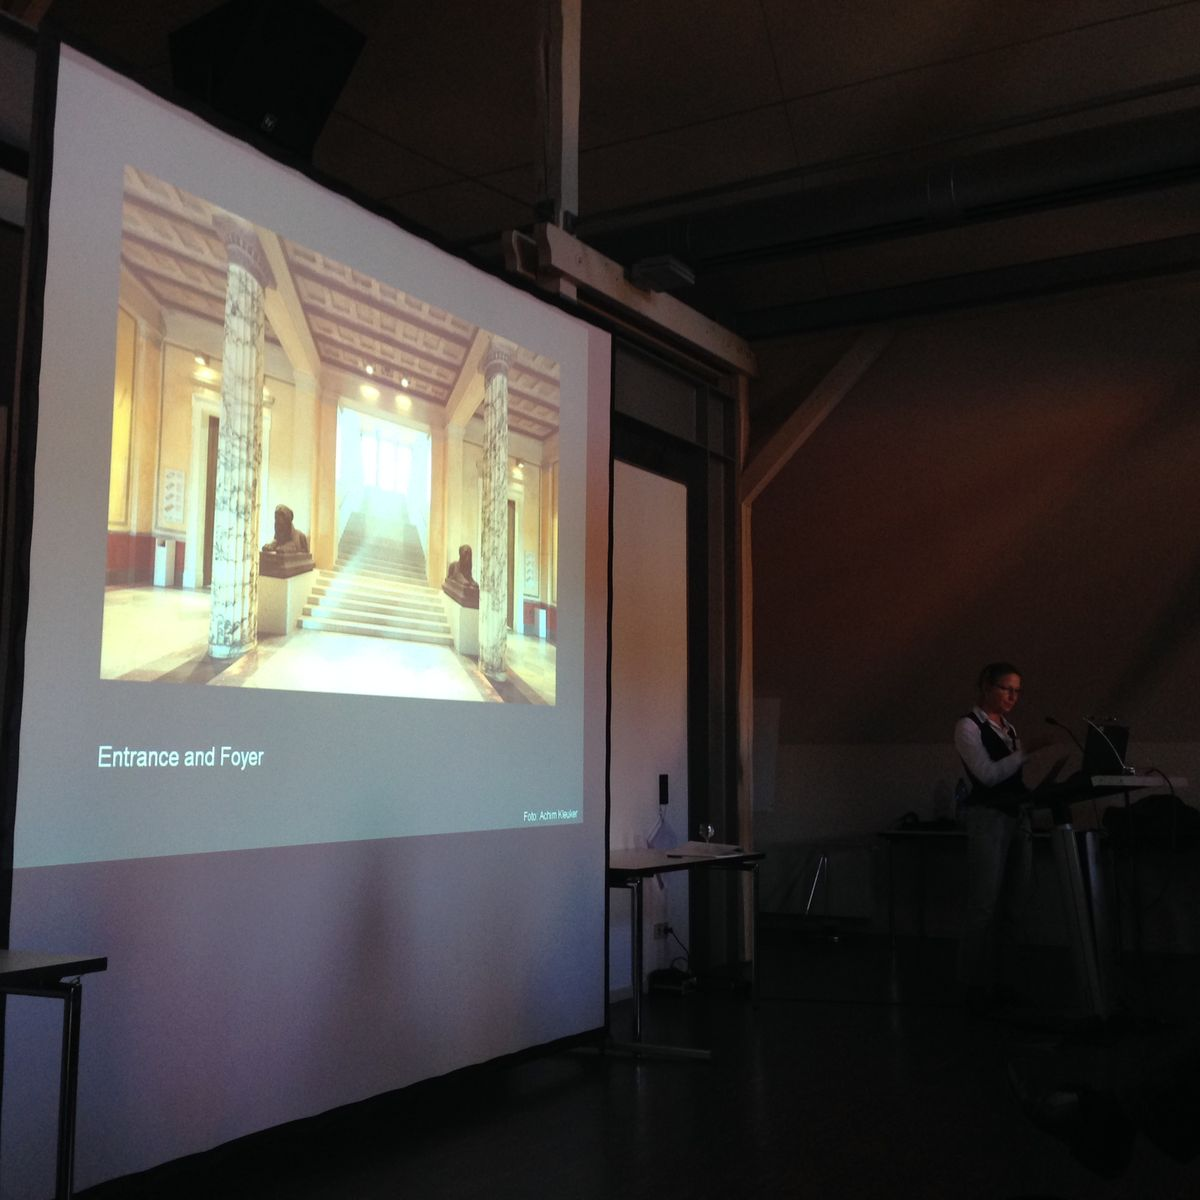 Einführende Vorträge am ersten Tag, u. a. von unserer Direktorin Friederike Seyfried © Staatliche Museen zu Berlin, Ägyptisches Museum und Papyrussammlung / J. Jancziak